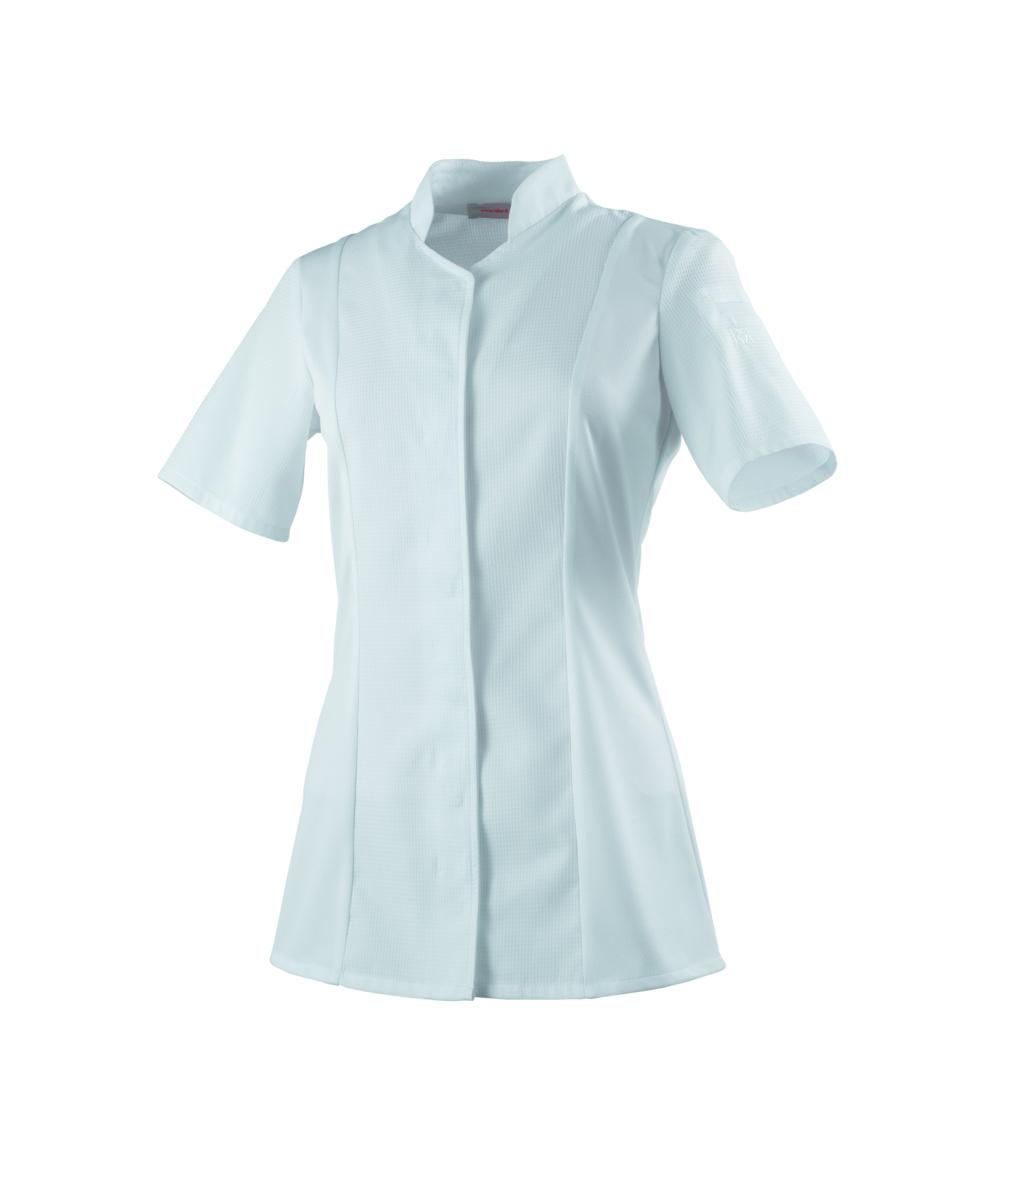 Veste femme manches courtes blanche taille 4 Abella Robur